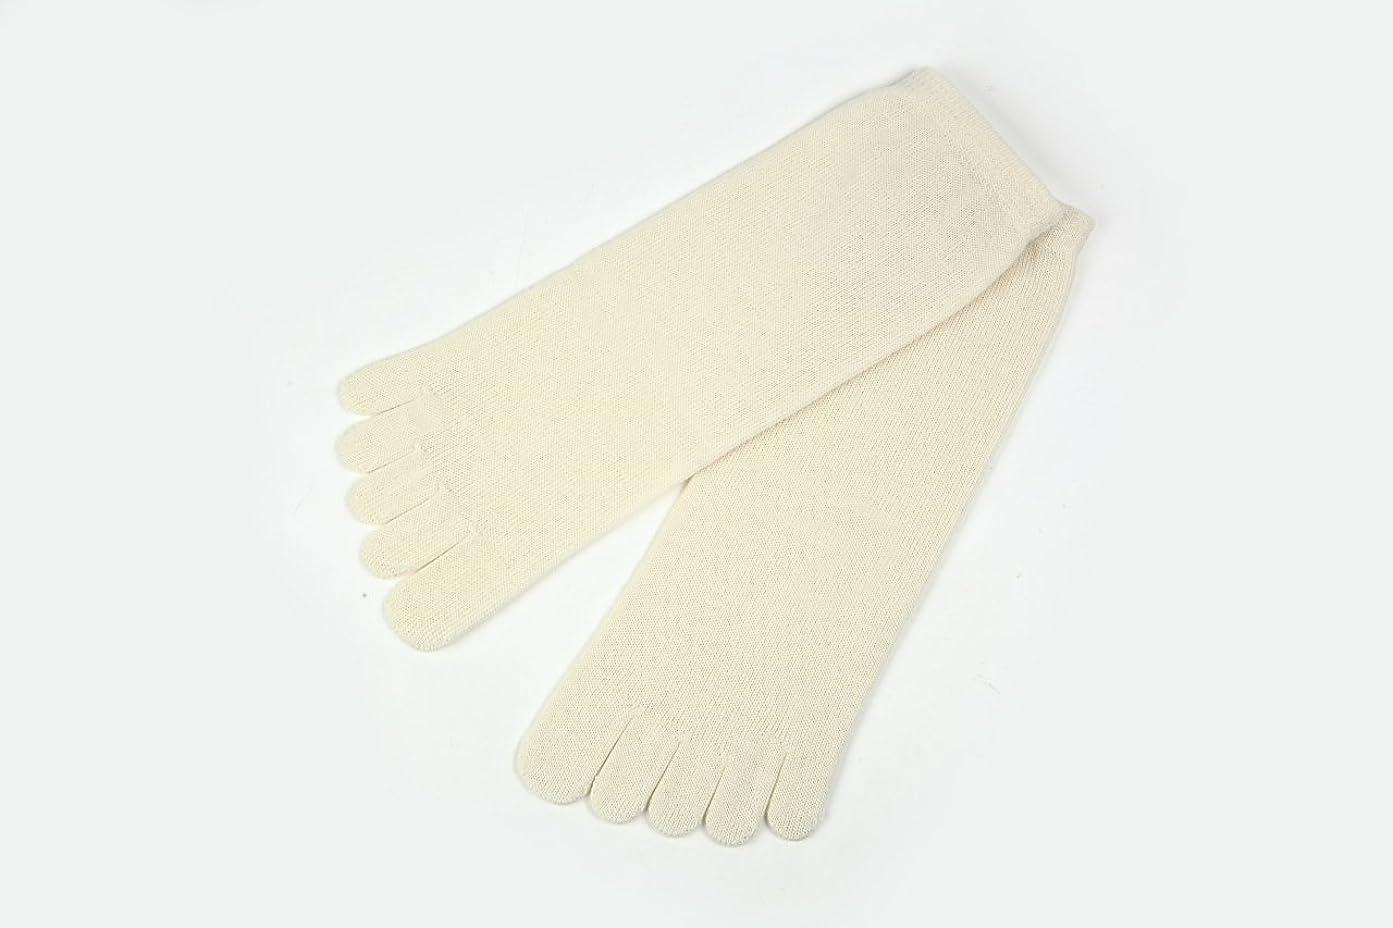 レール風景ブラシutatane 冷えとり靴下 大人用 ウール100% 5本指ソックス レディーズ